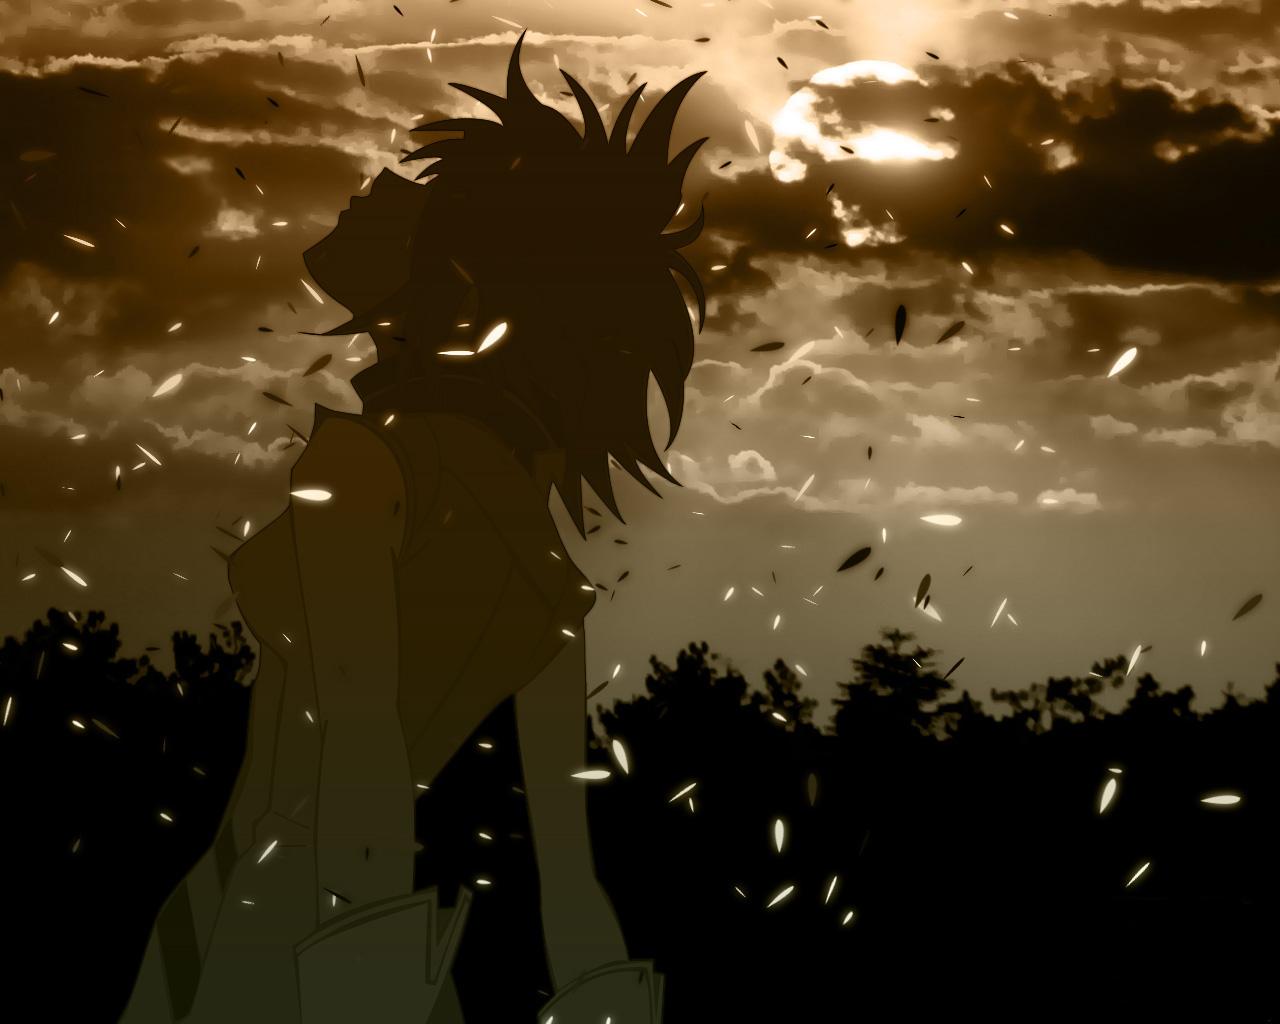 Haruko Silhouette